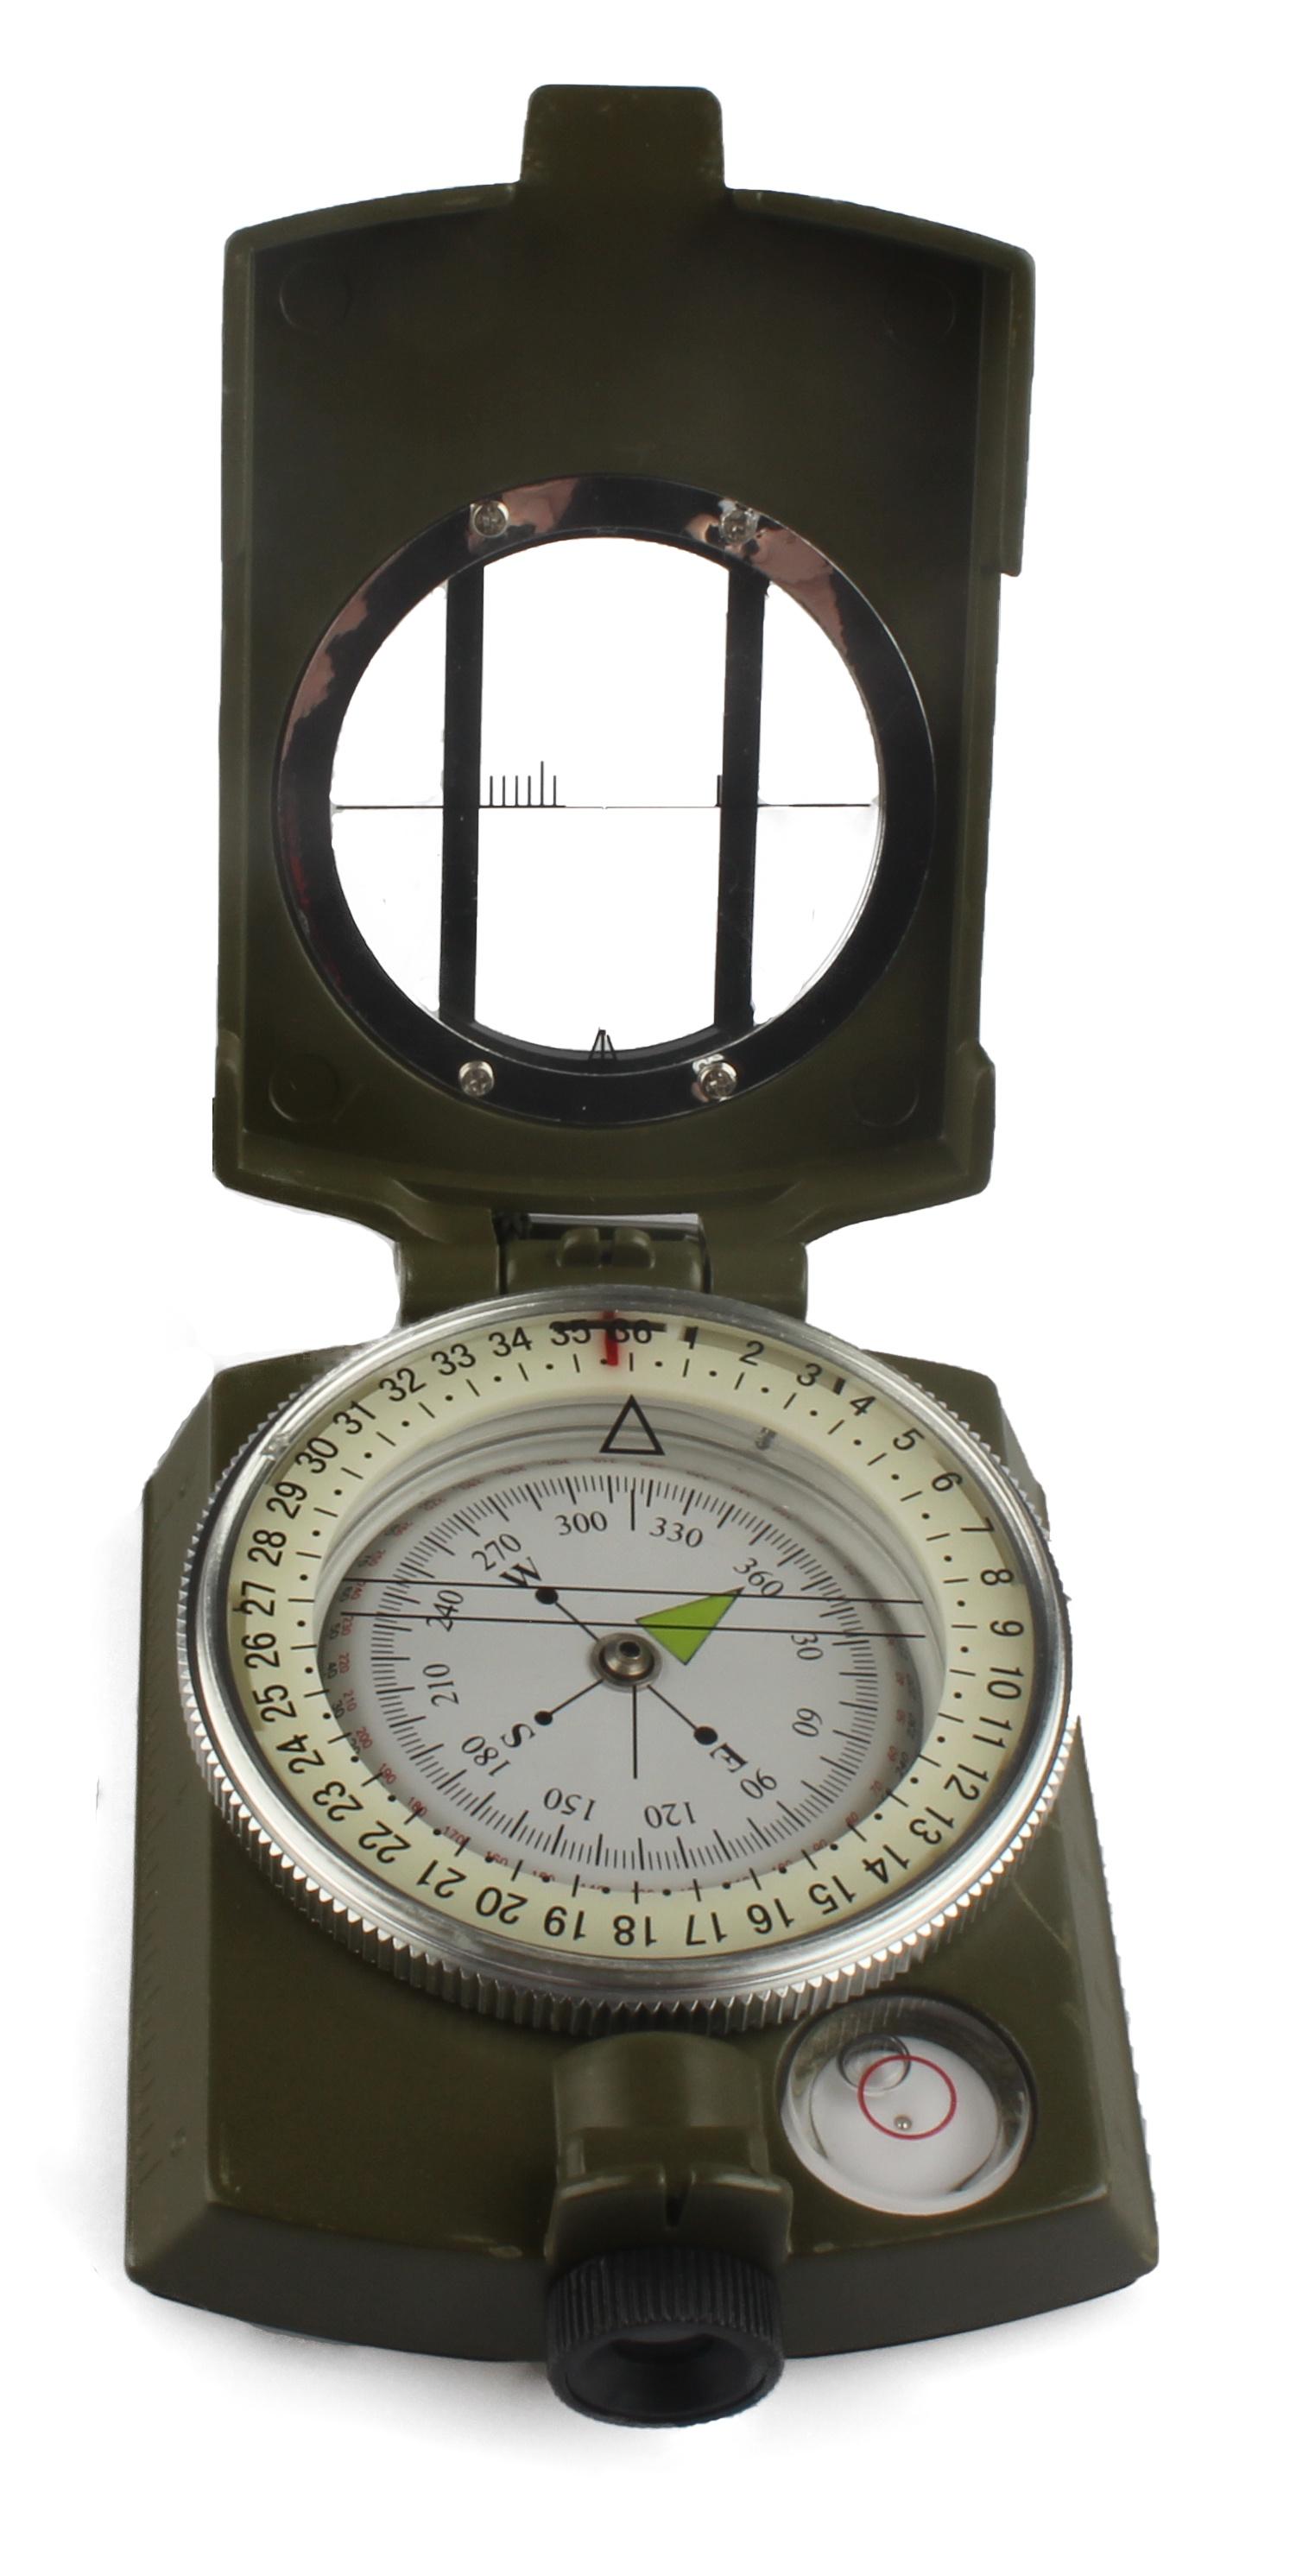 Компас TipTop Compass2517, 4605170002517, темно-зеленый чемодан feixueer из алюминиевого сплава